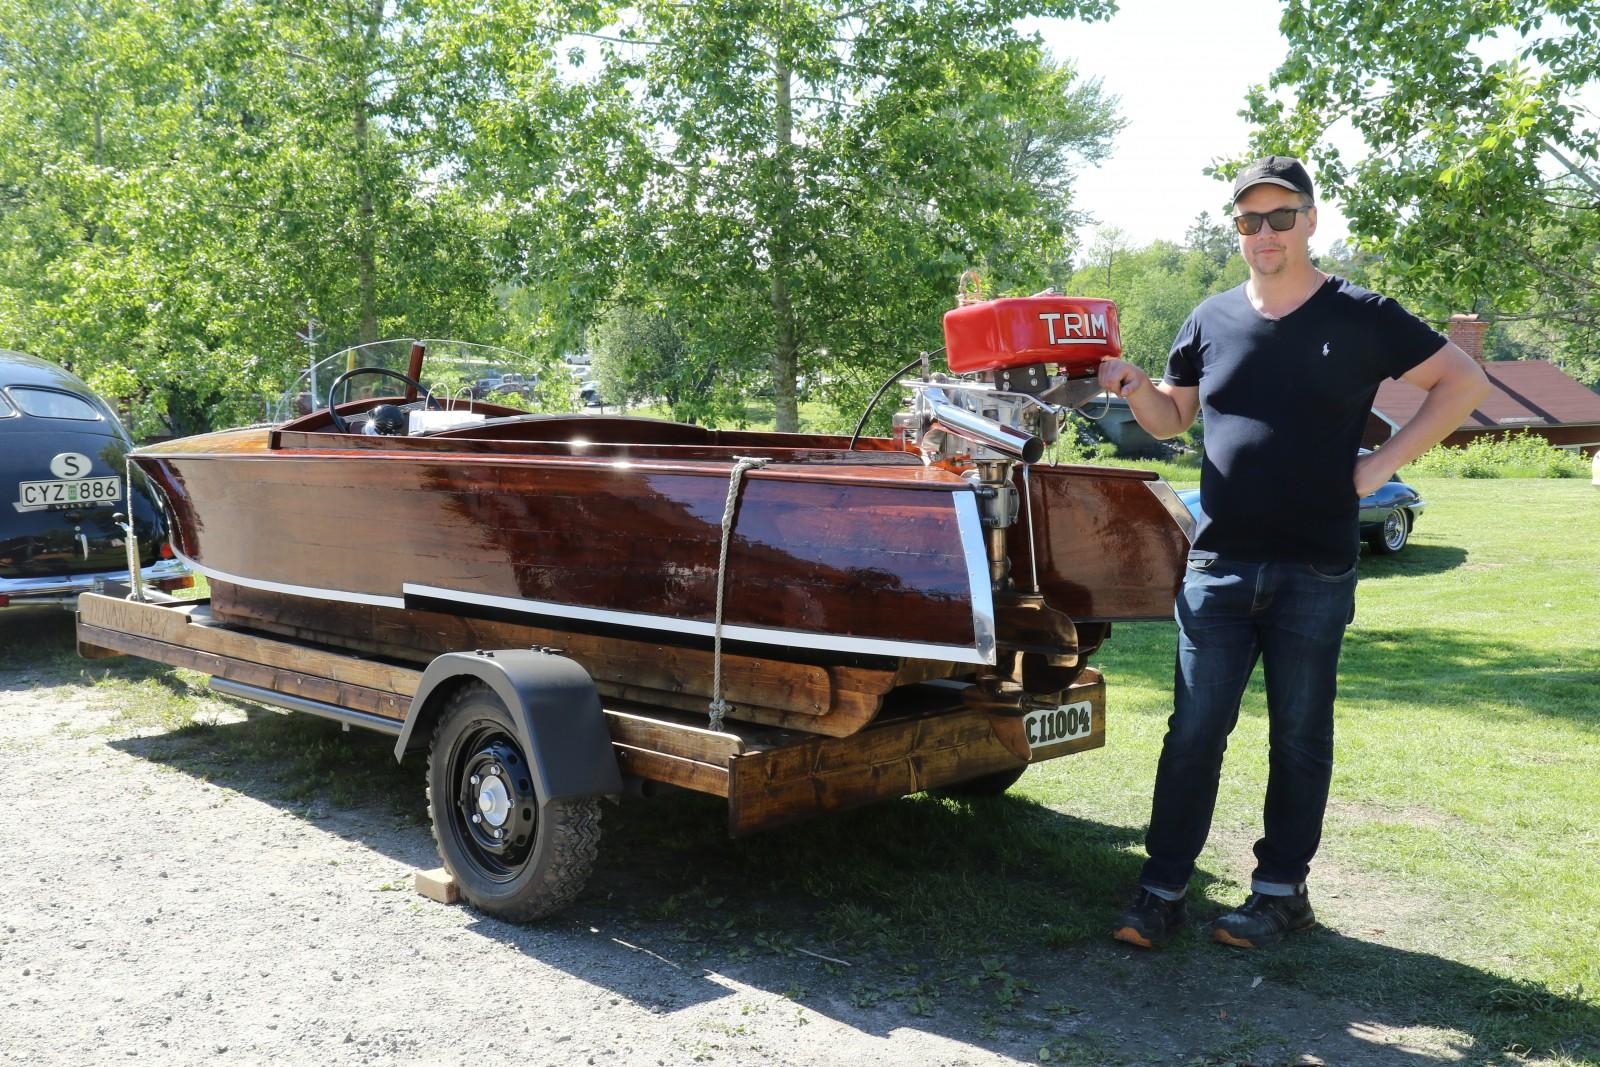 Folkets val på träffen var ingen bil! Men heter det Motorträffen i Olofsfors så kan förstås en Duvbåt från 1927 också vinna. Den är tillverkad av Lunds Skepps och Båtvarv i Limhamn. Mattias Karlsson har renoverat båten.